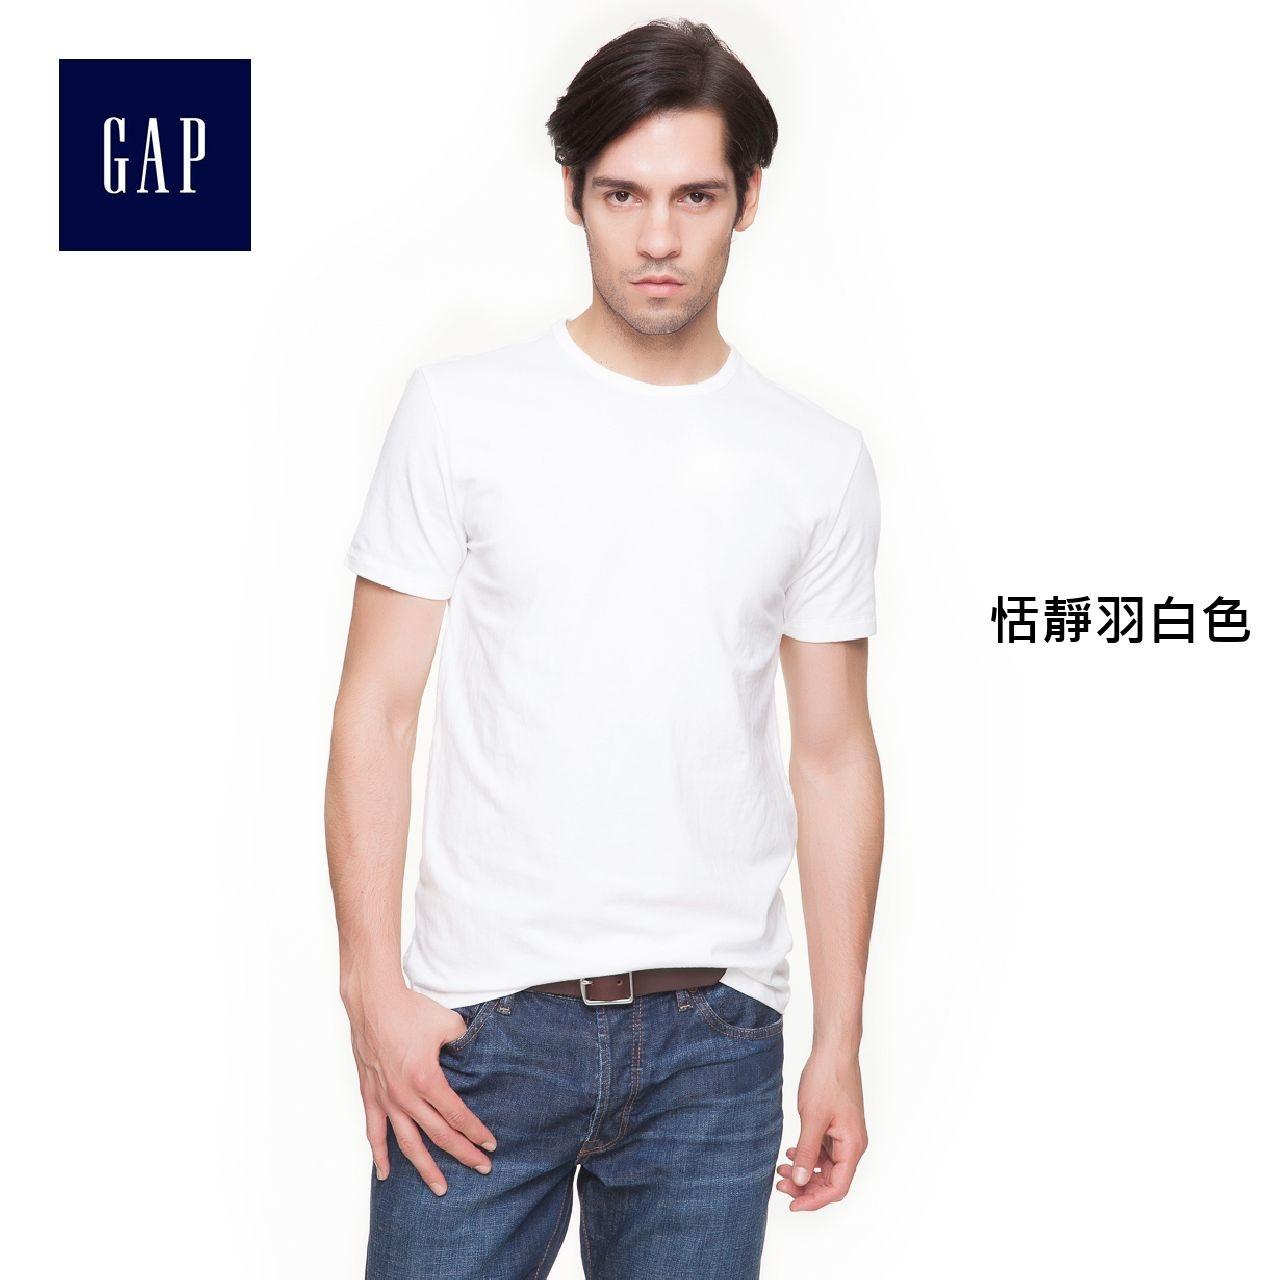 Gap男裝 必備基本款經典純色T恤 988687